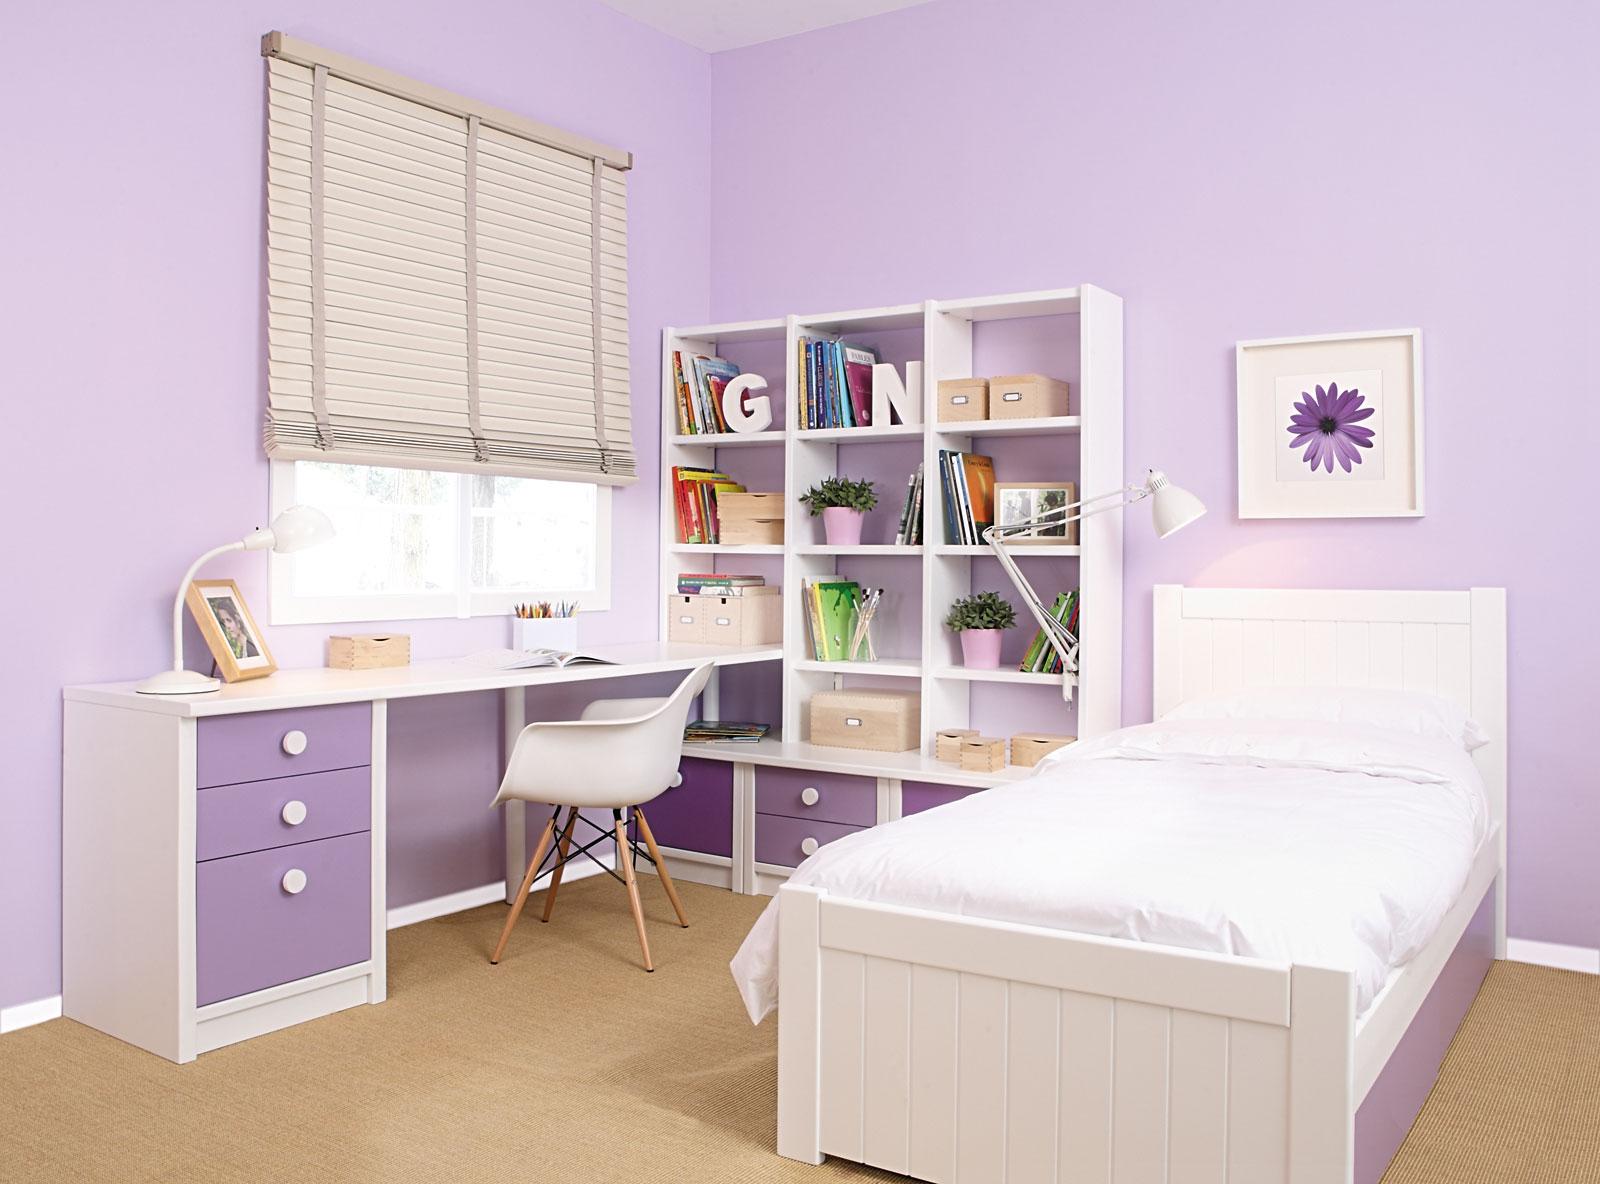 Como Decorar Una Habitacion Juvenil Femenina Finest Free Cool With - Como-decorar-un-cuarto-juvenil-femenino